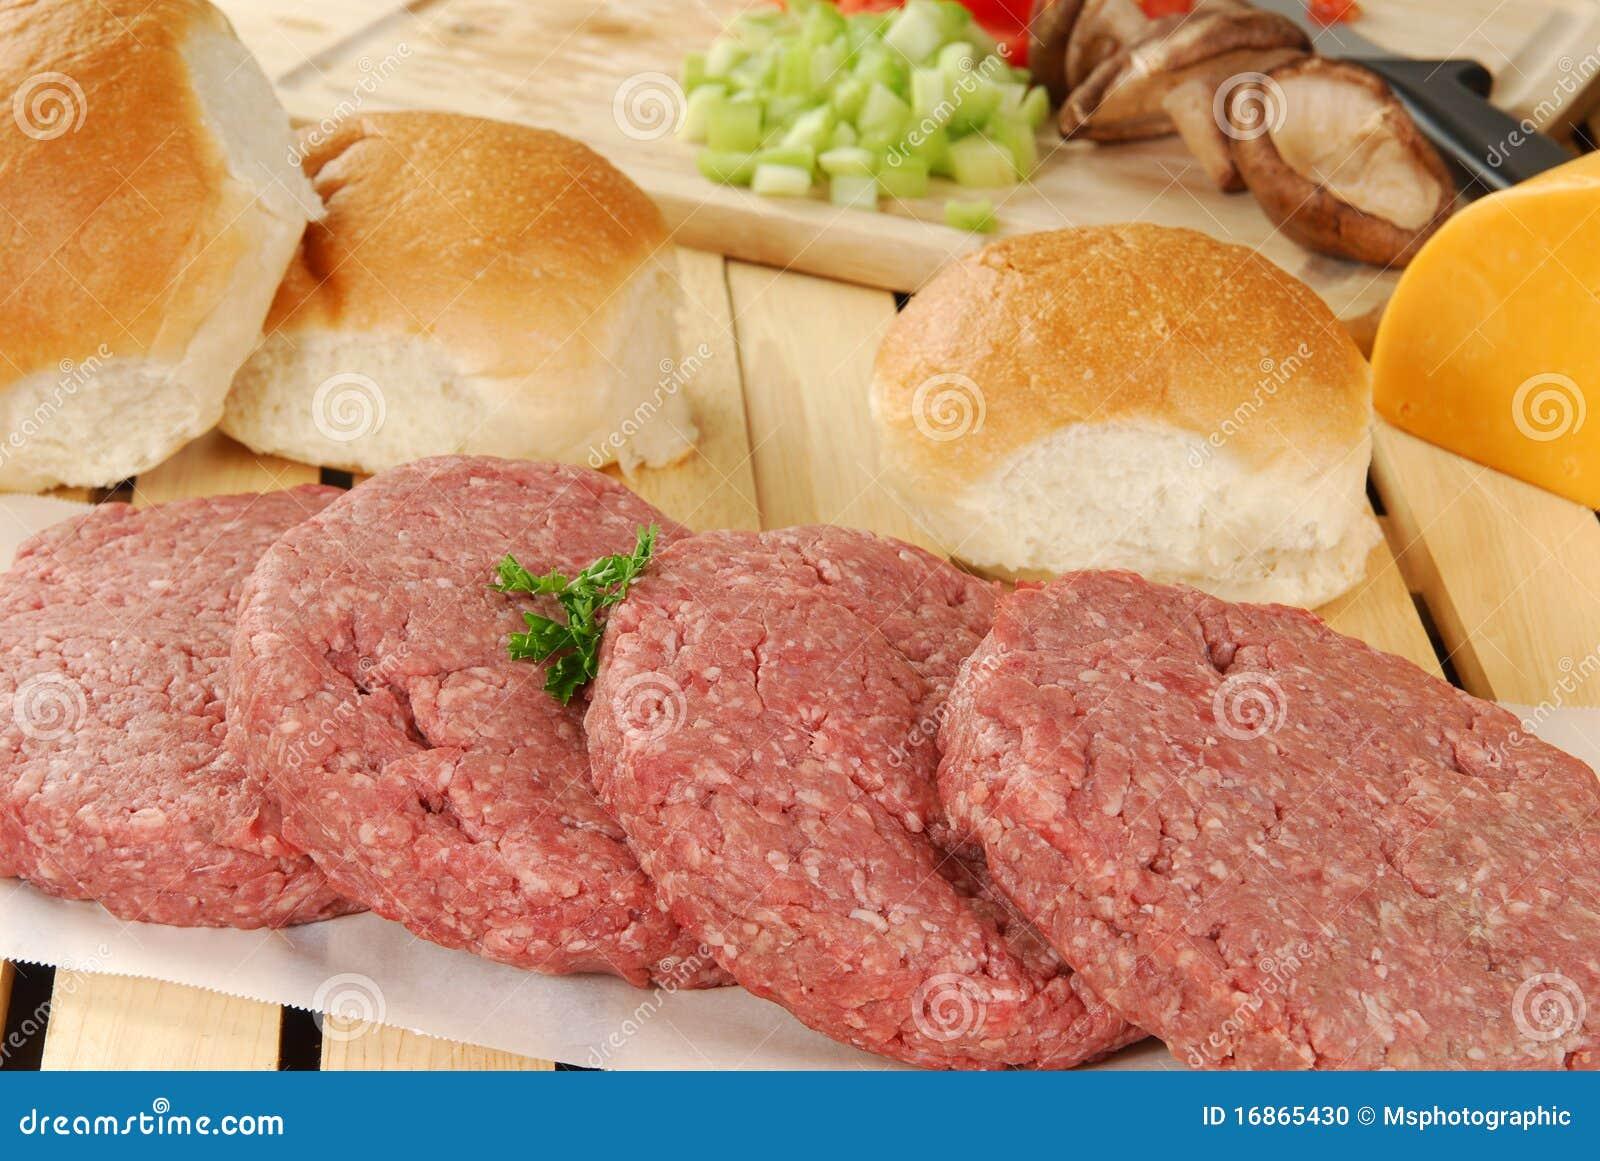 Fixações do Hamburger